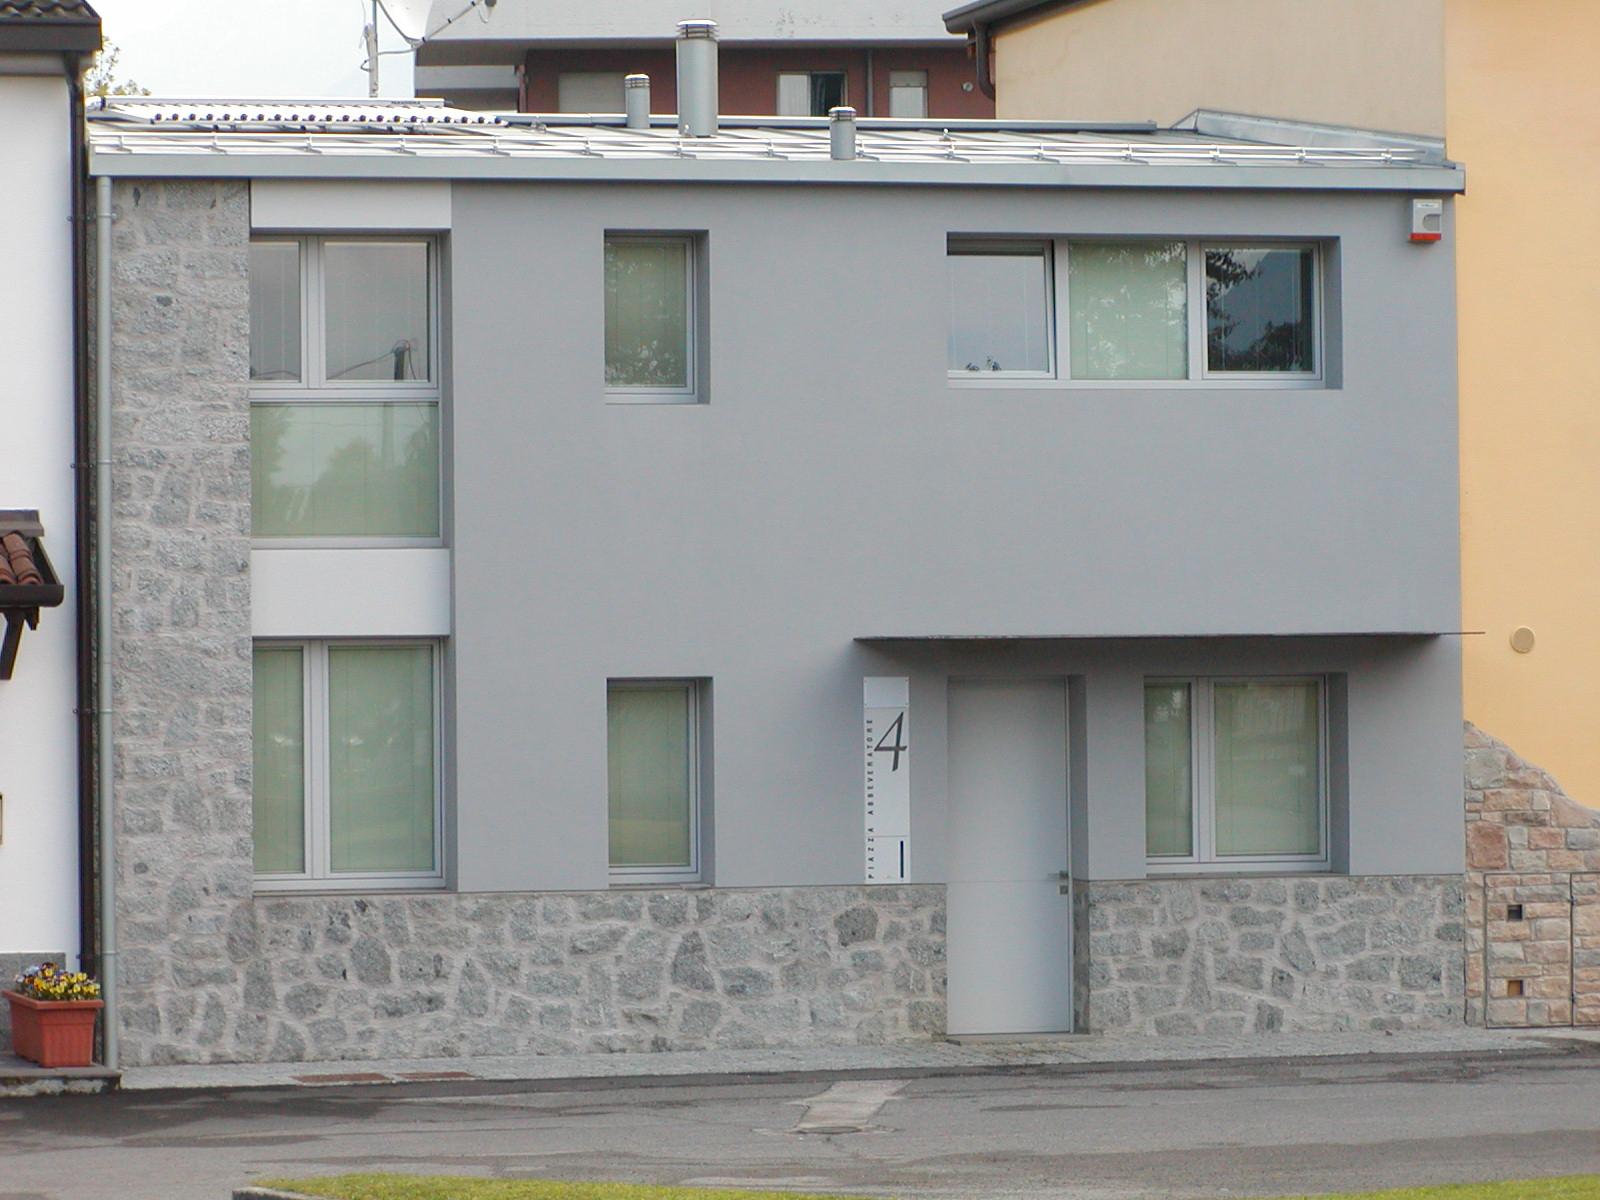 Studio-di-architettura-Baisotti-Sigala-prgetti102